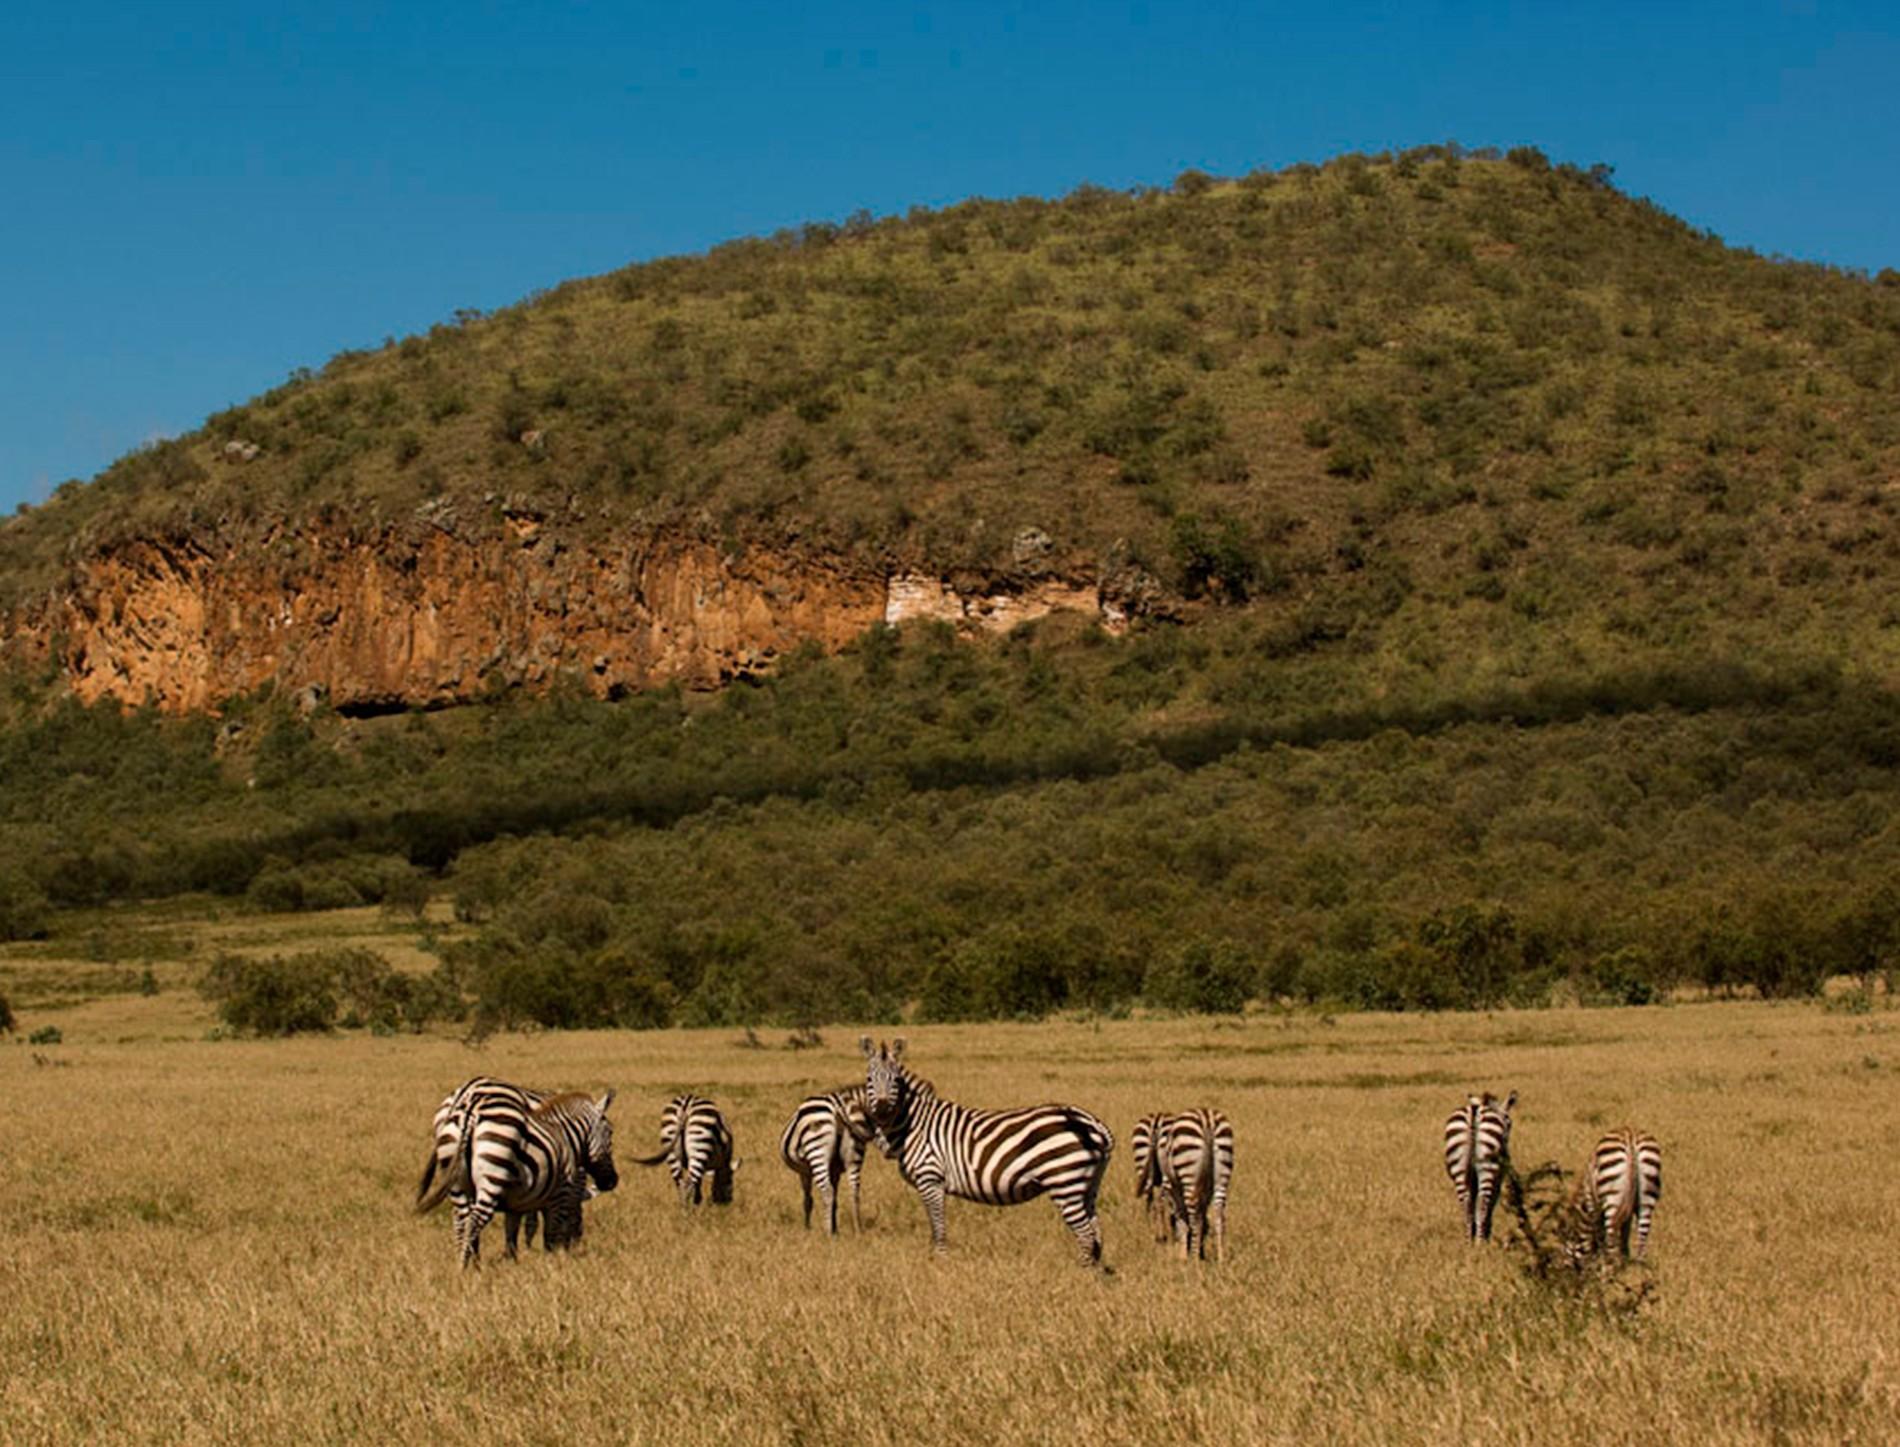 cebras en el parque nacional de hells gate, kenia